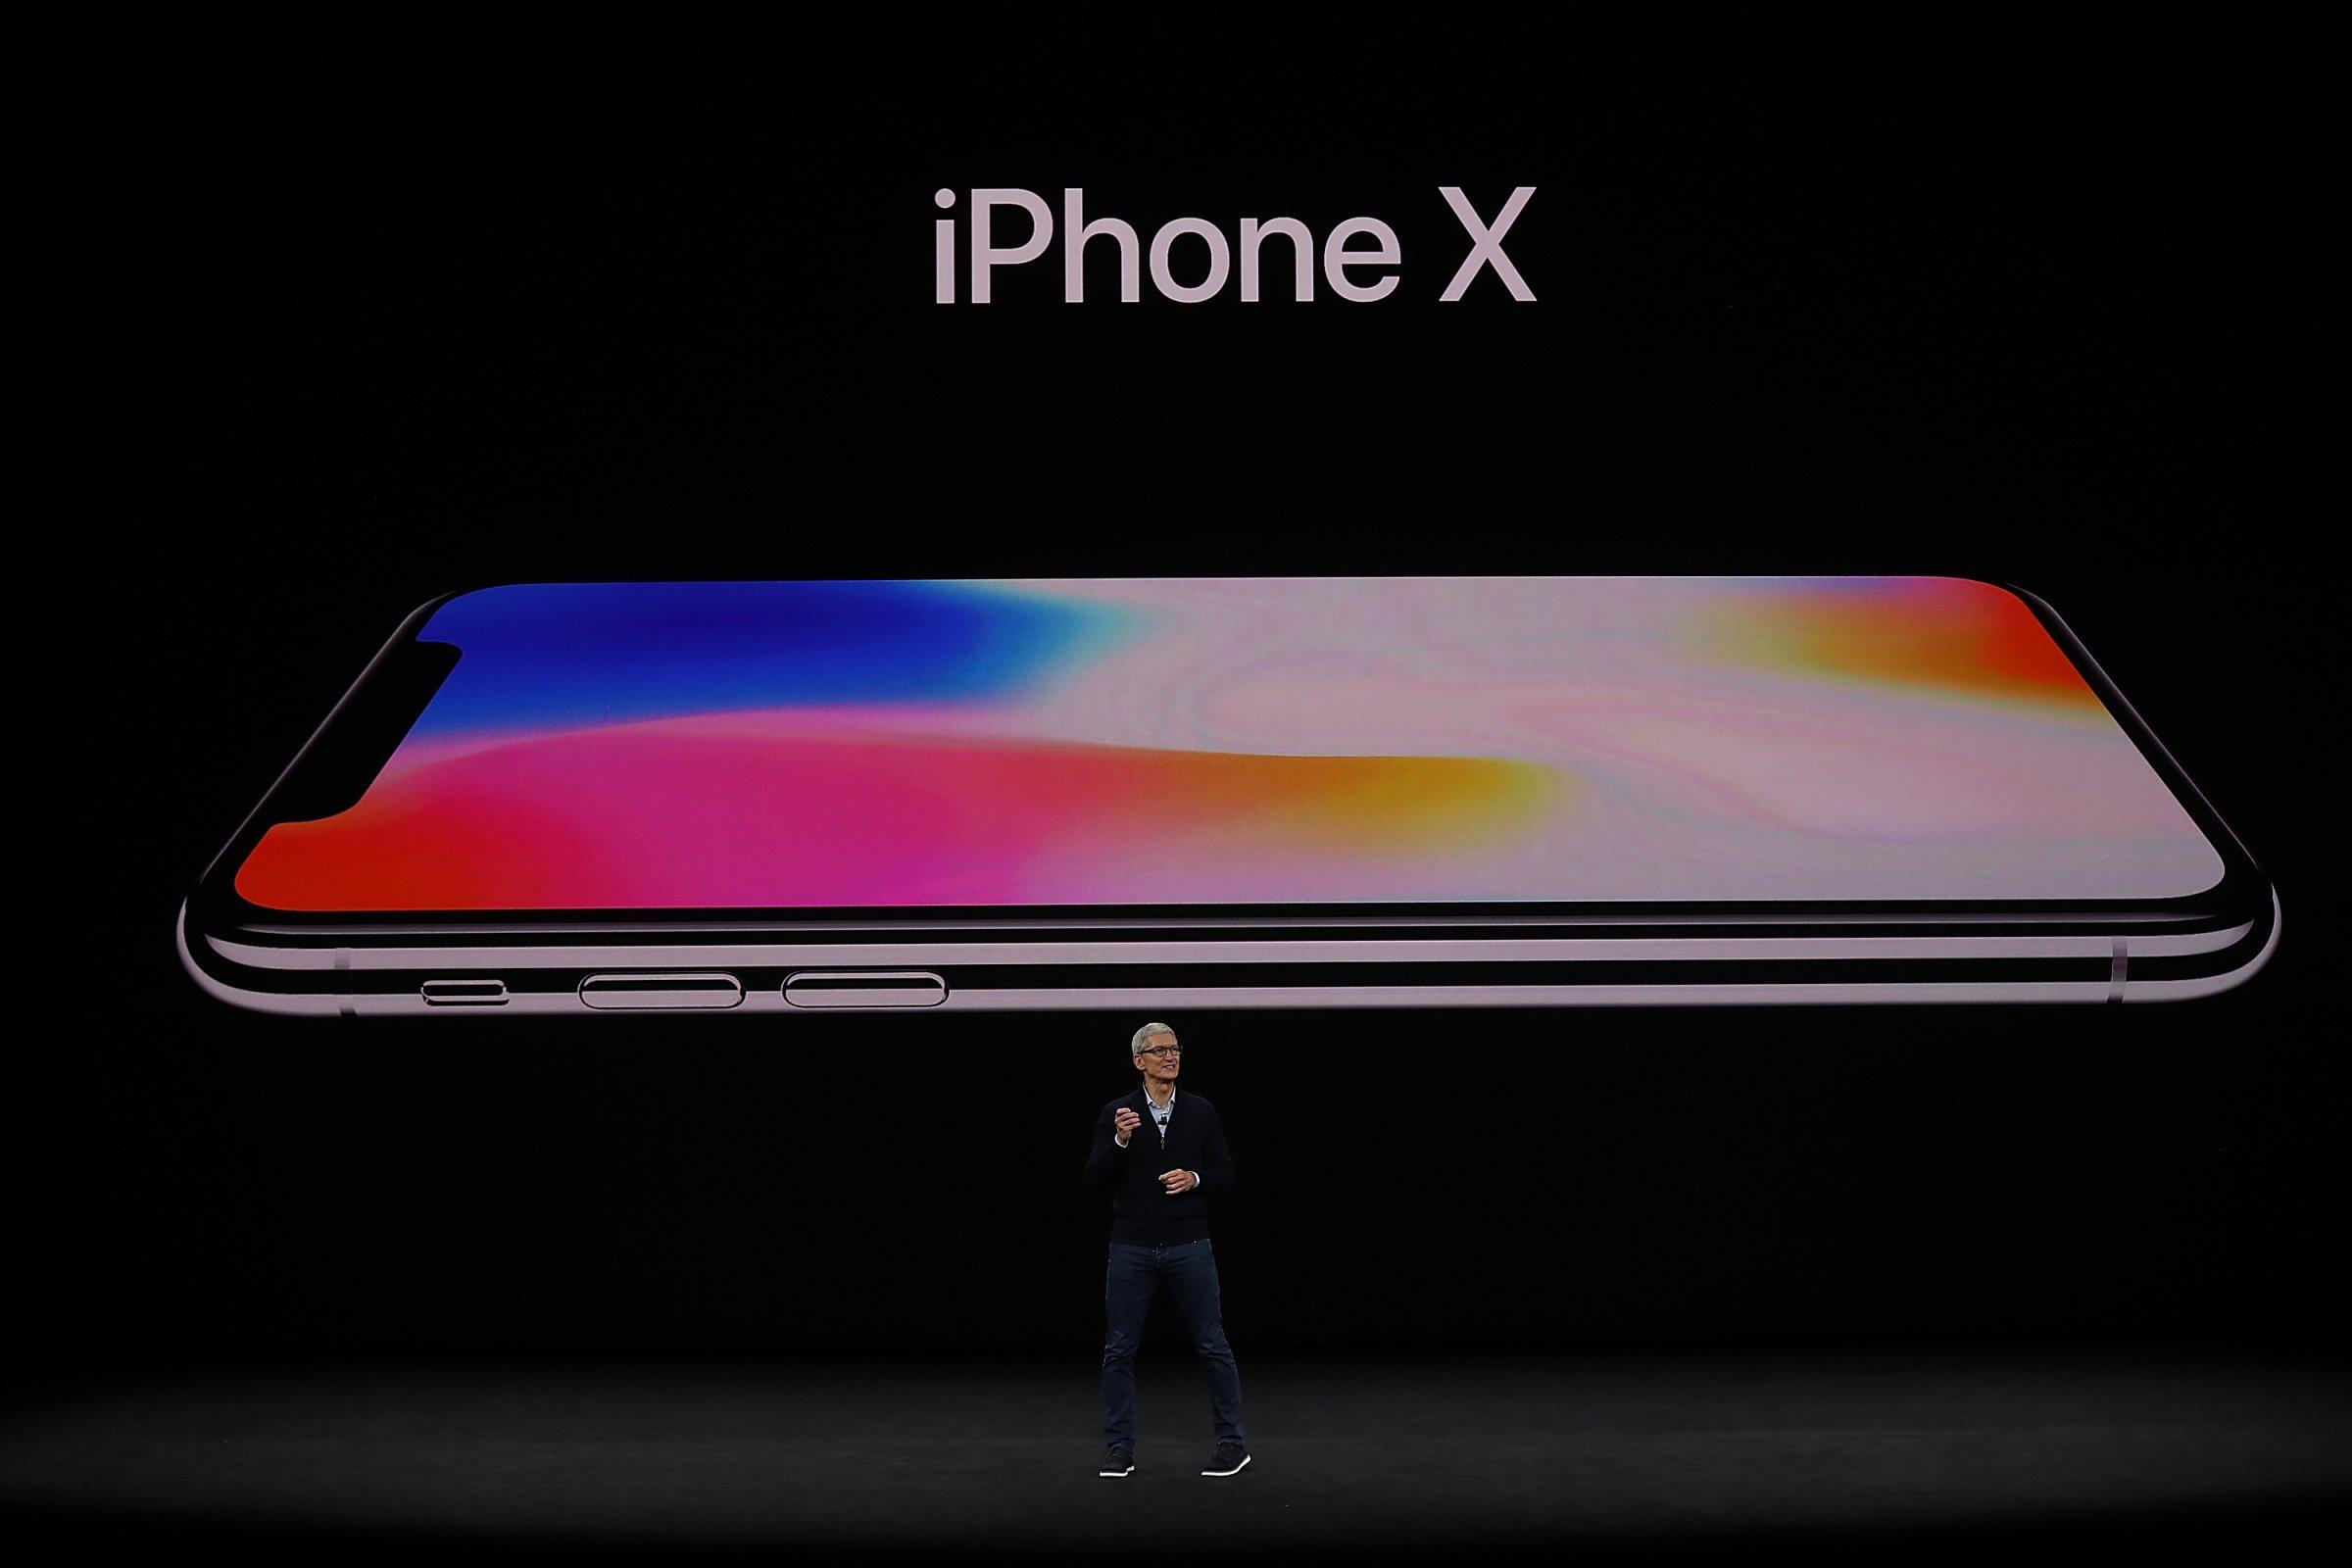 apple, iphone - 13 1567589944 - Nhìn lại các thế hệ iPhone trước thời điểm iPhone 11 trình làng